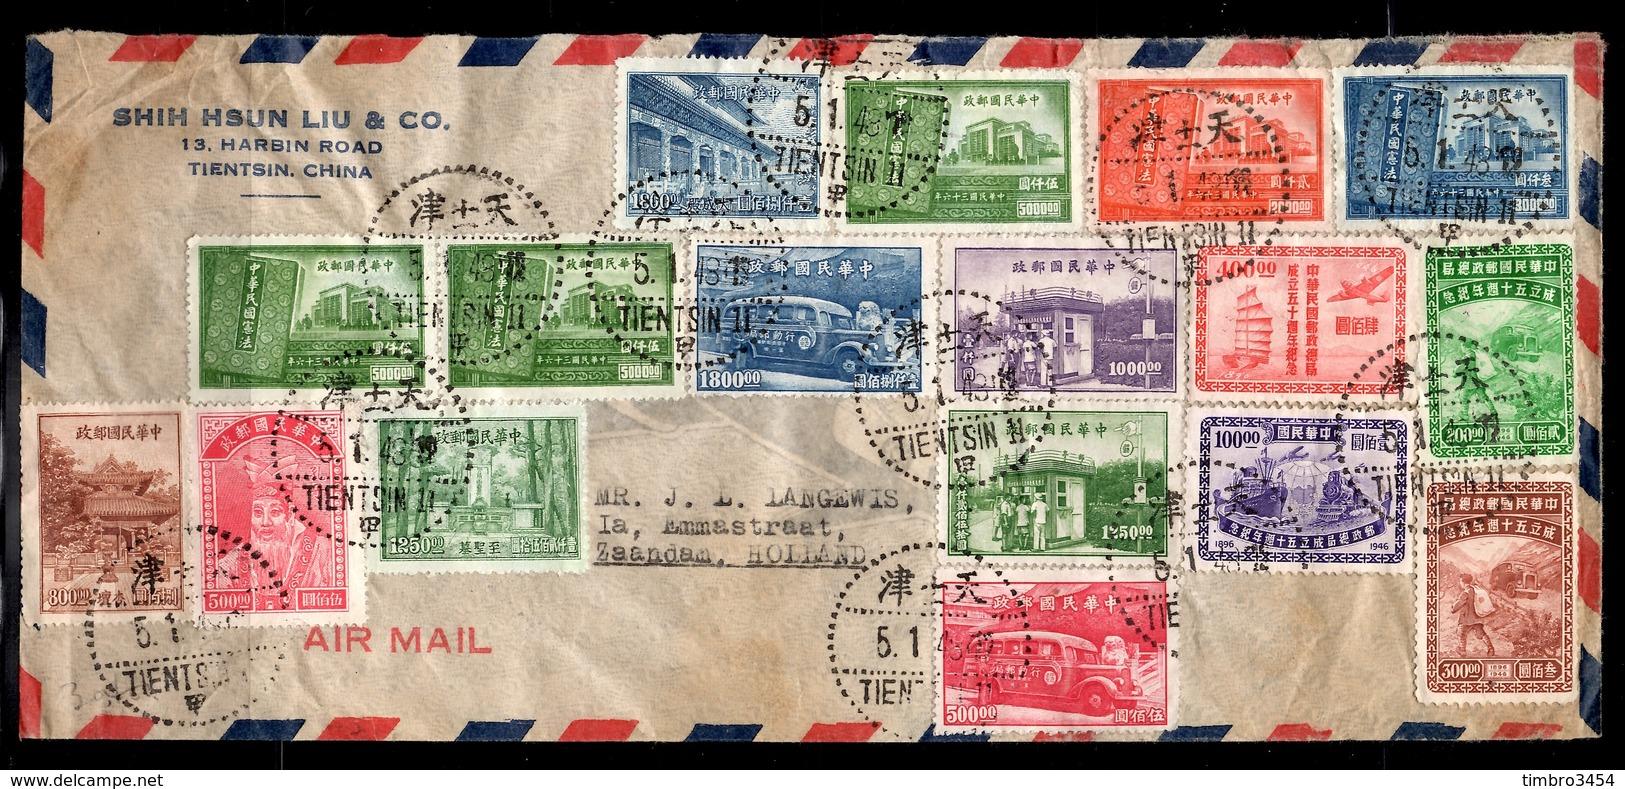 Chine/China Superbe Lettre De 1948 Avec Affranchissement Composé Et Spectaculaire! B/TB. A Saisir! - Chine